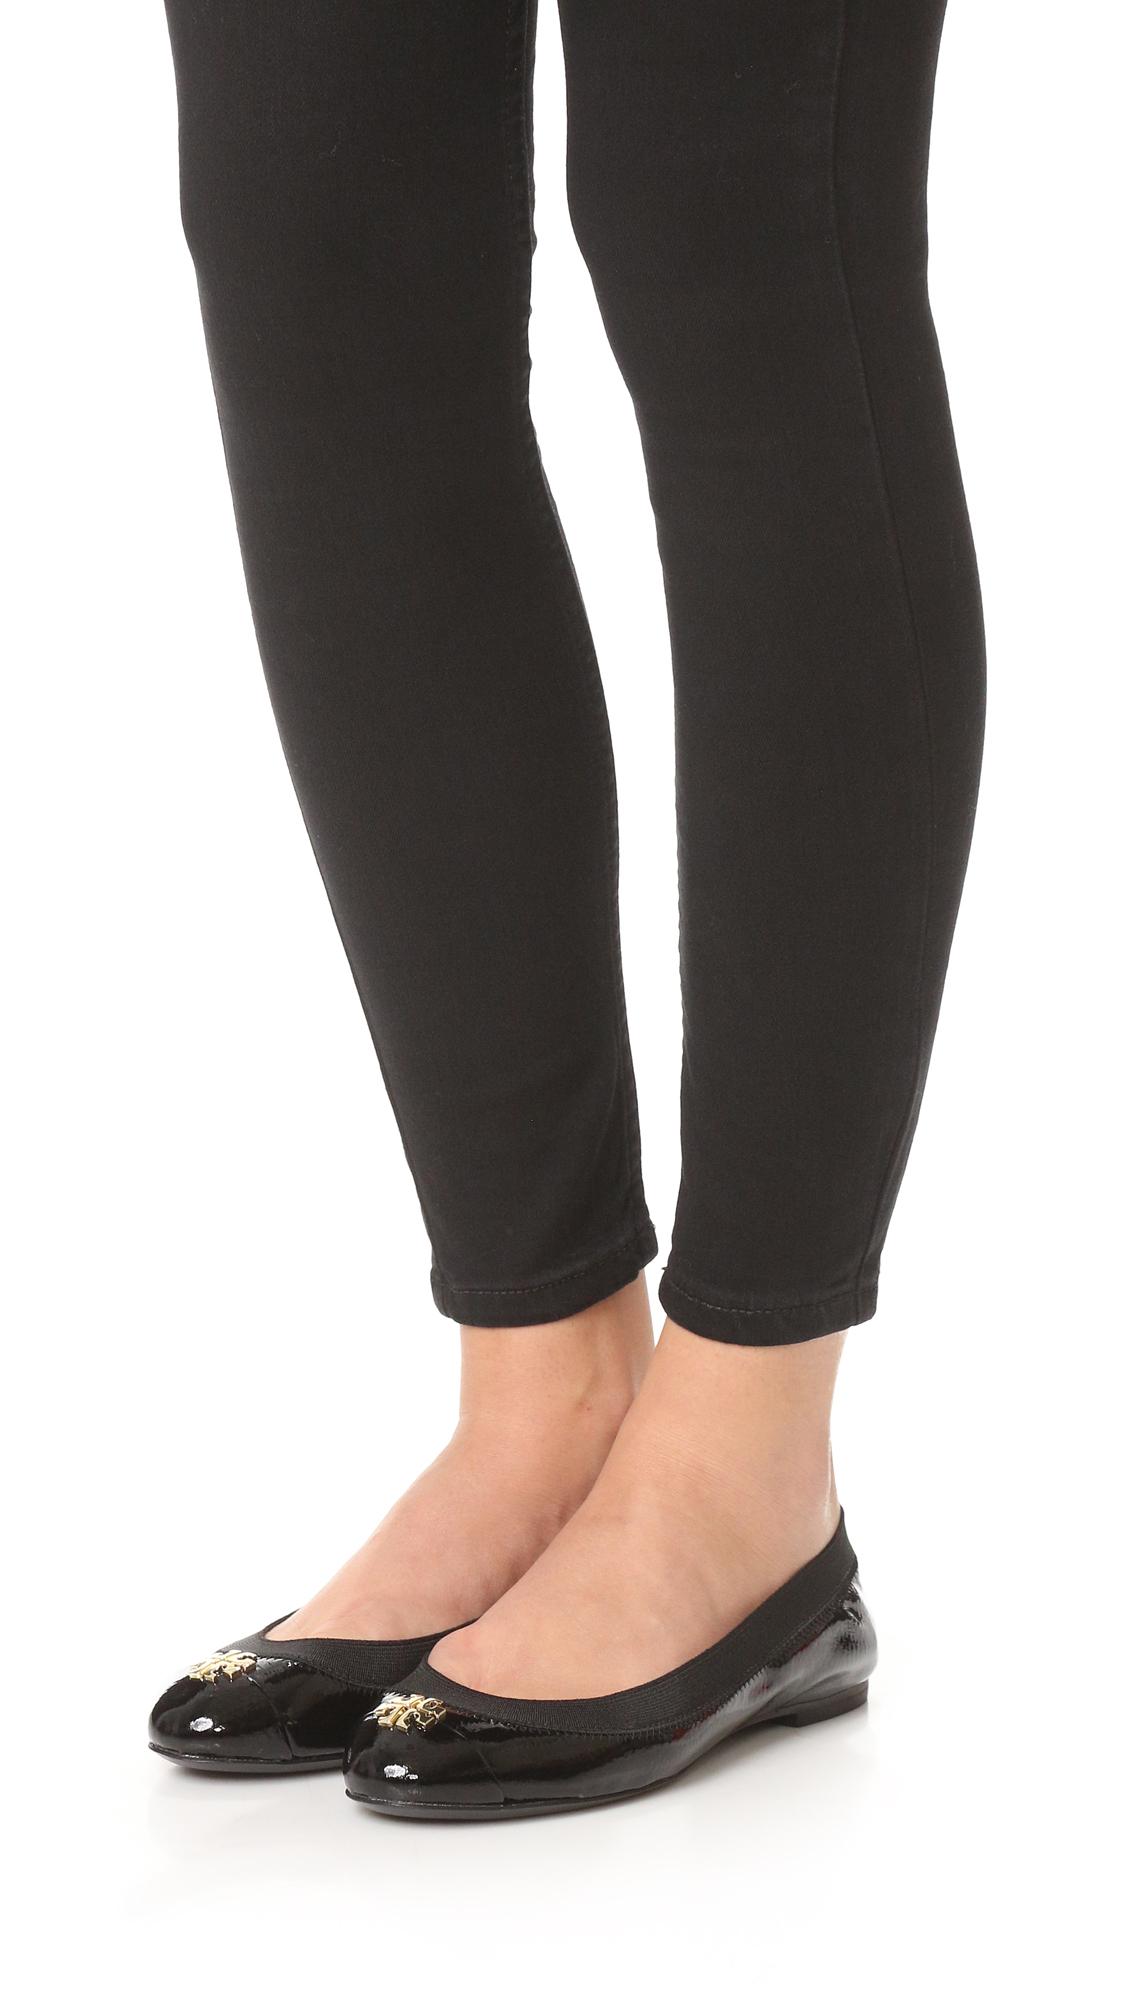 210a9f9563499c Tory Burch Jolie Ballet Flats